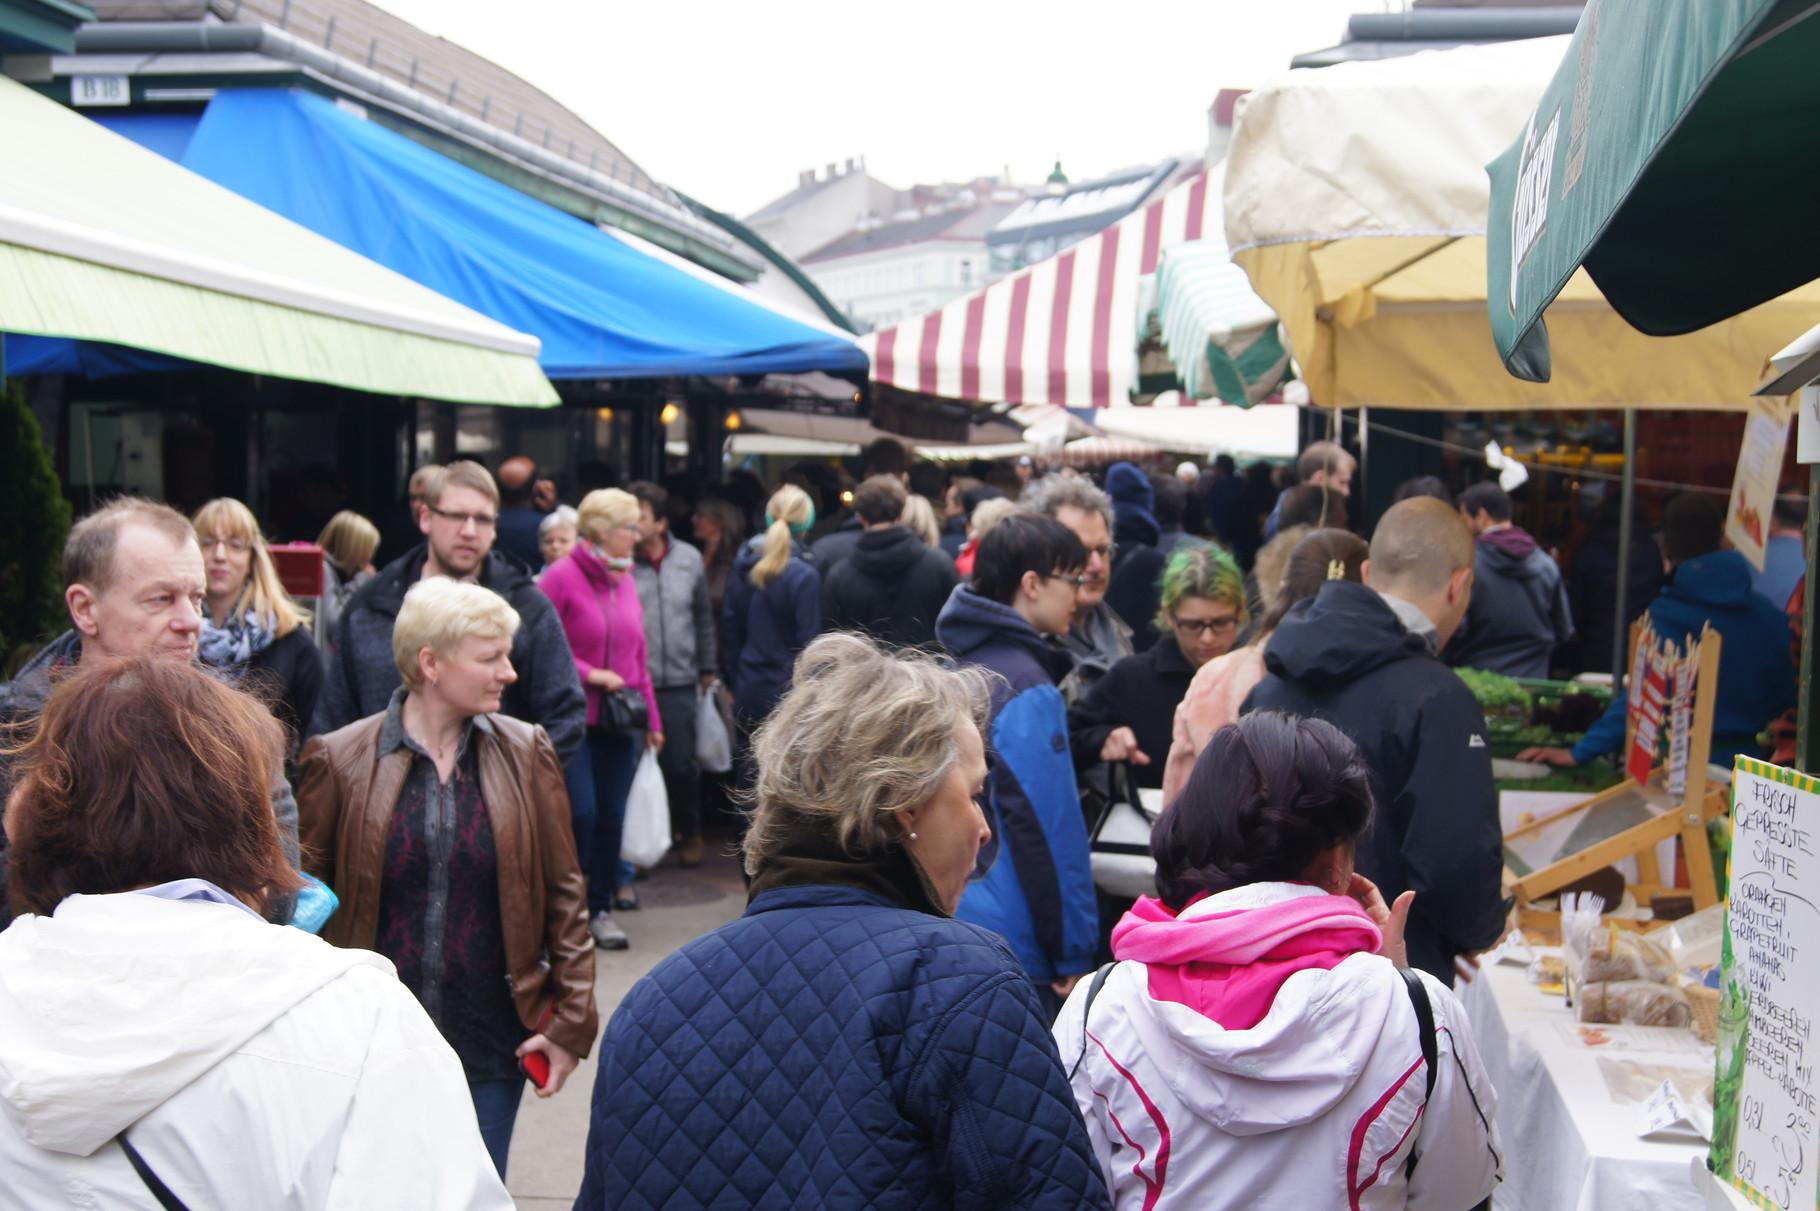 Am Naschmarkt in Wien